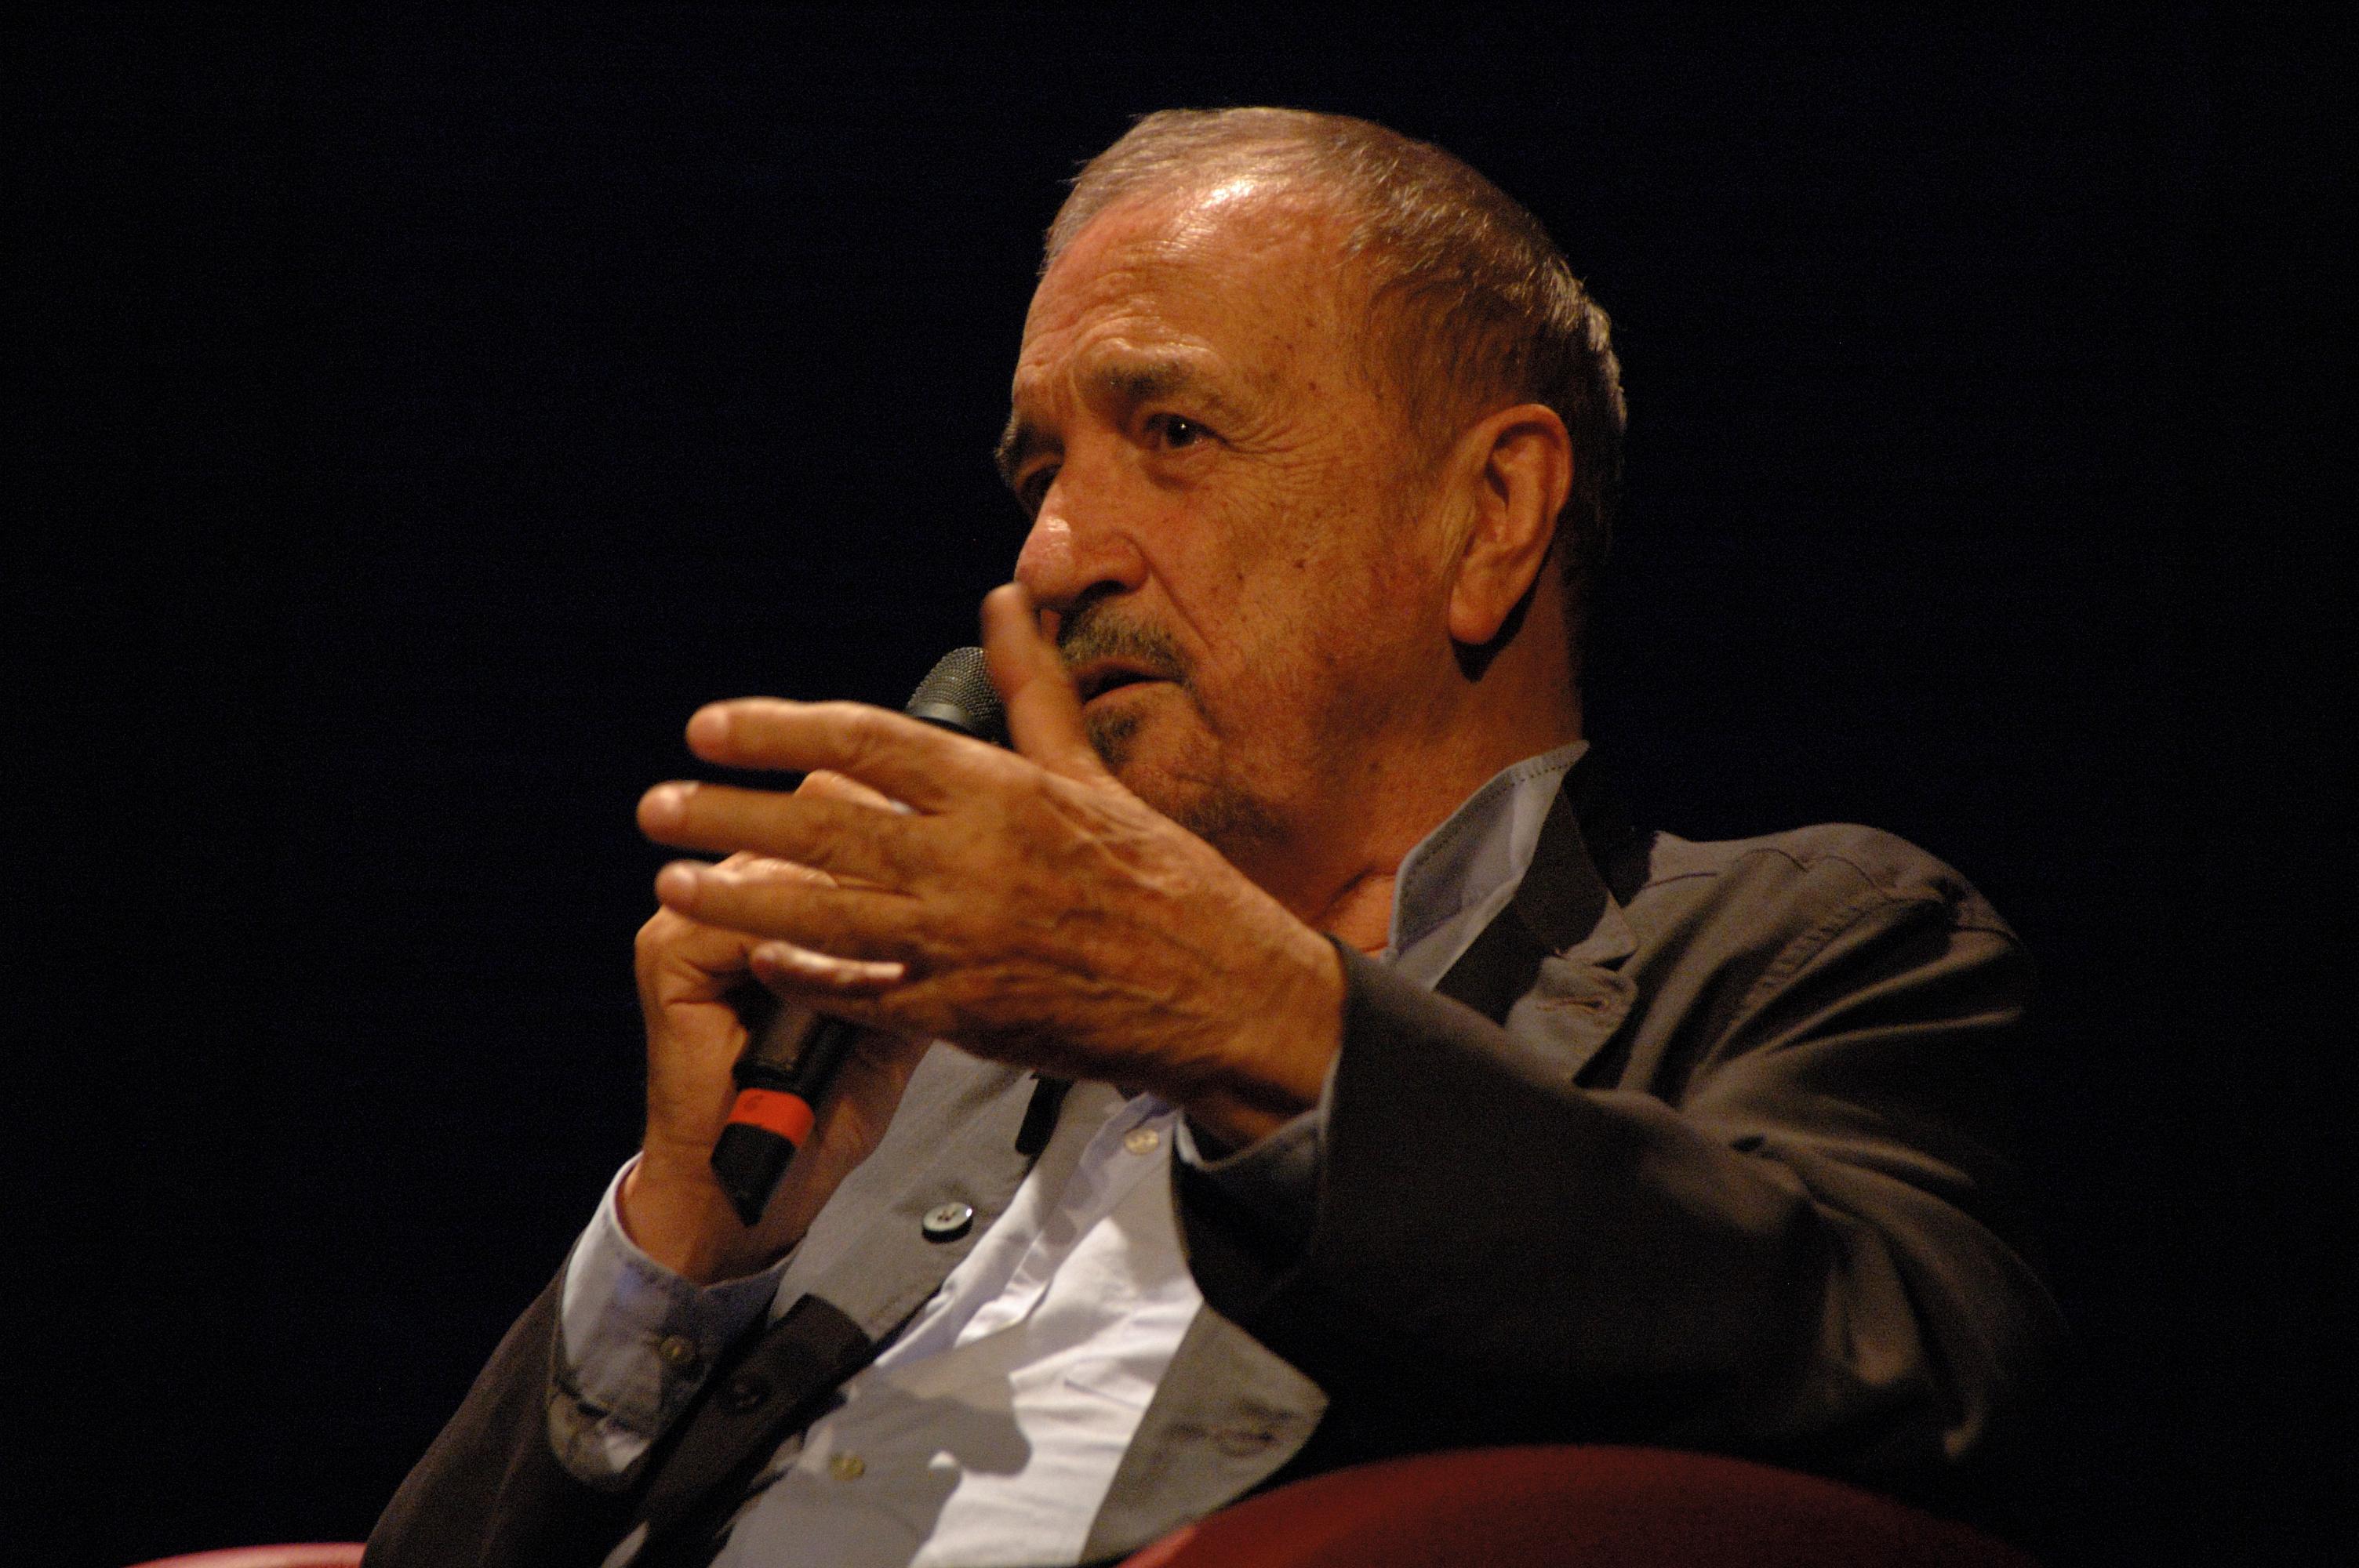 Jean-Claude Carrière in 2008